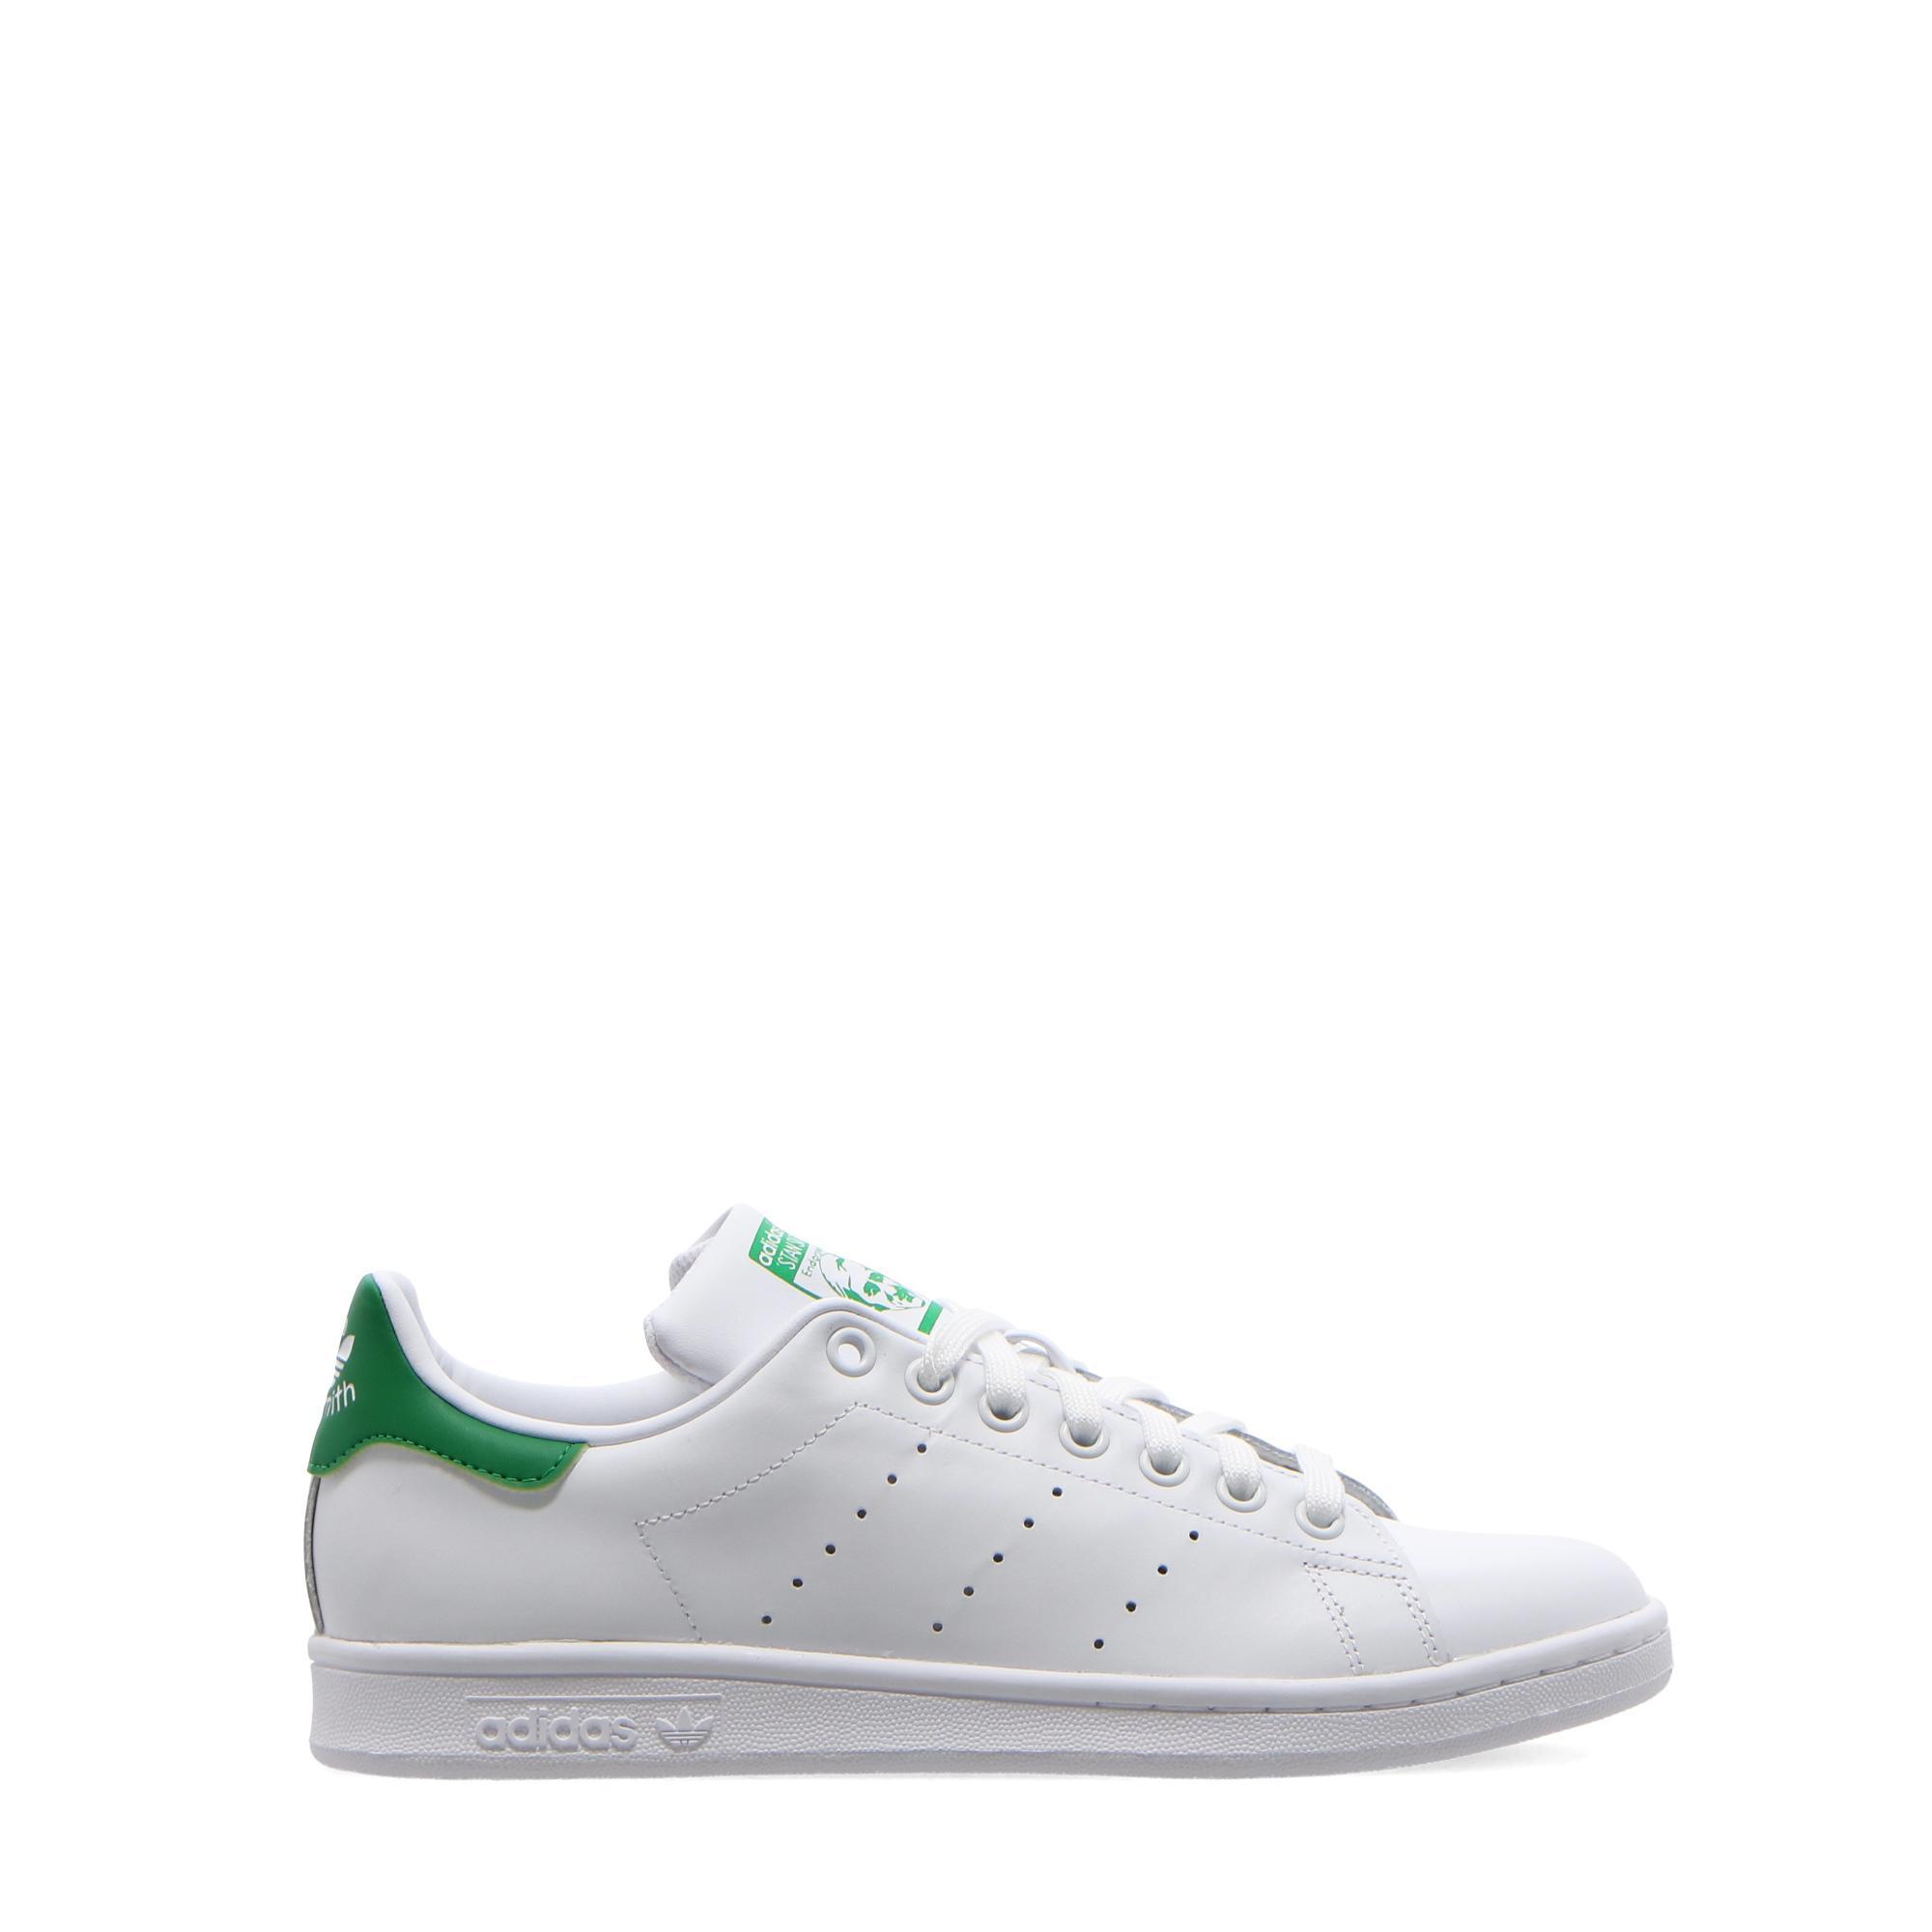 Adidas Stan Smith White white green